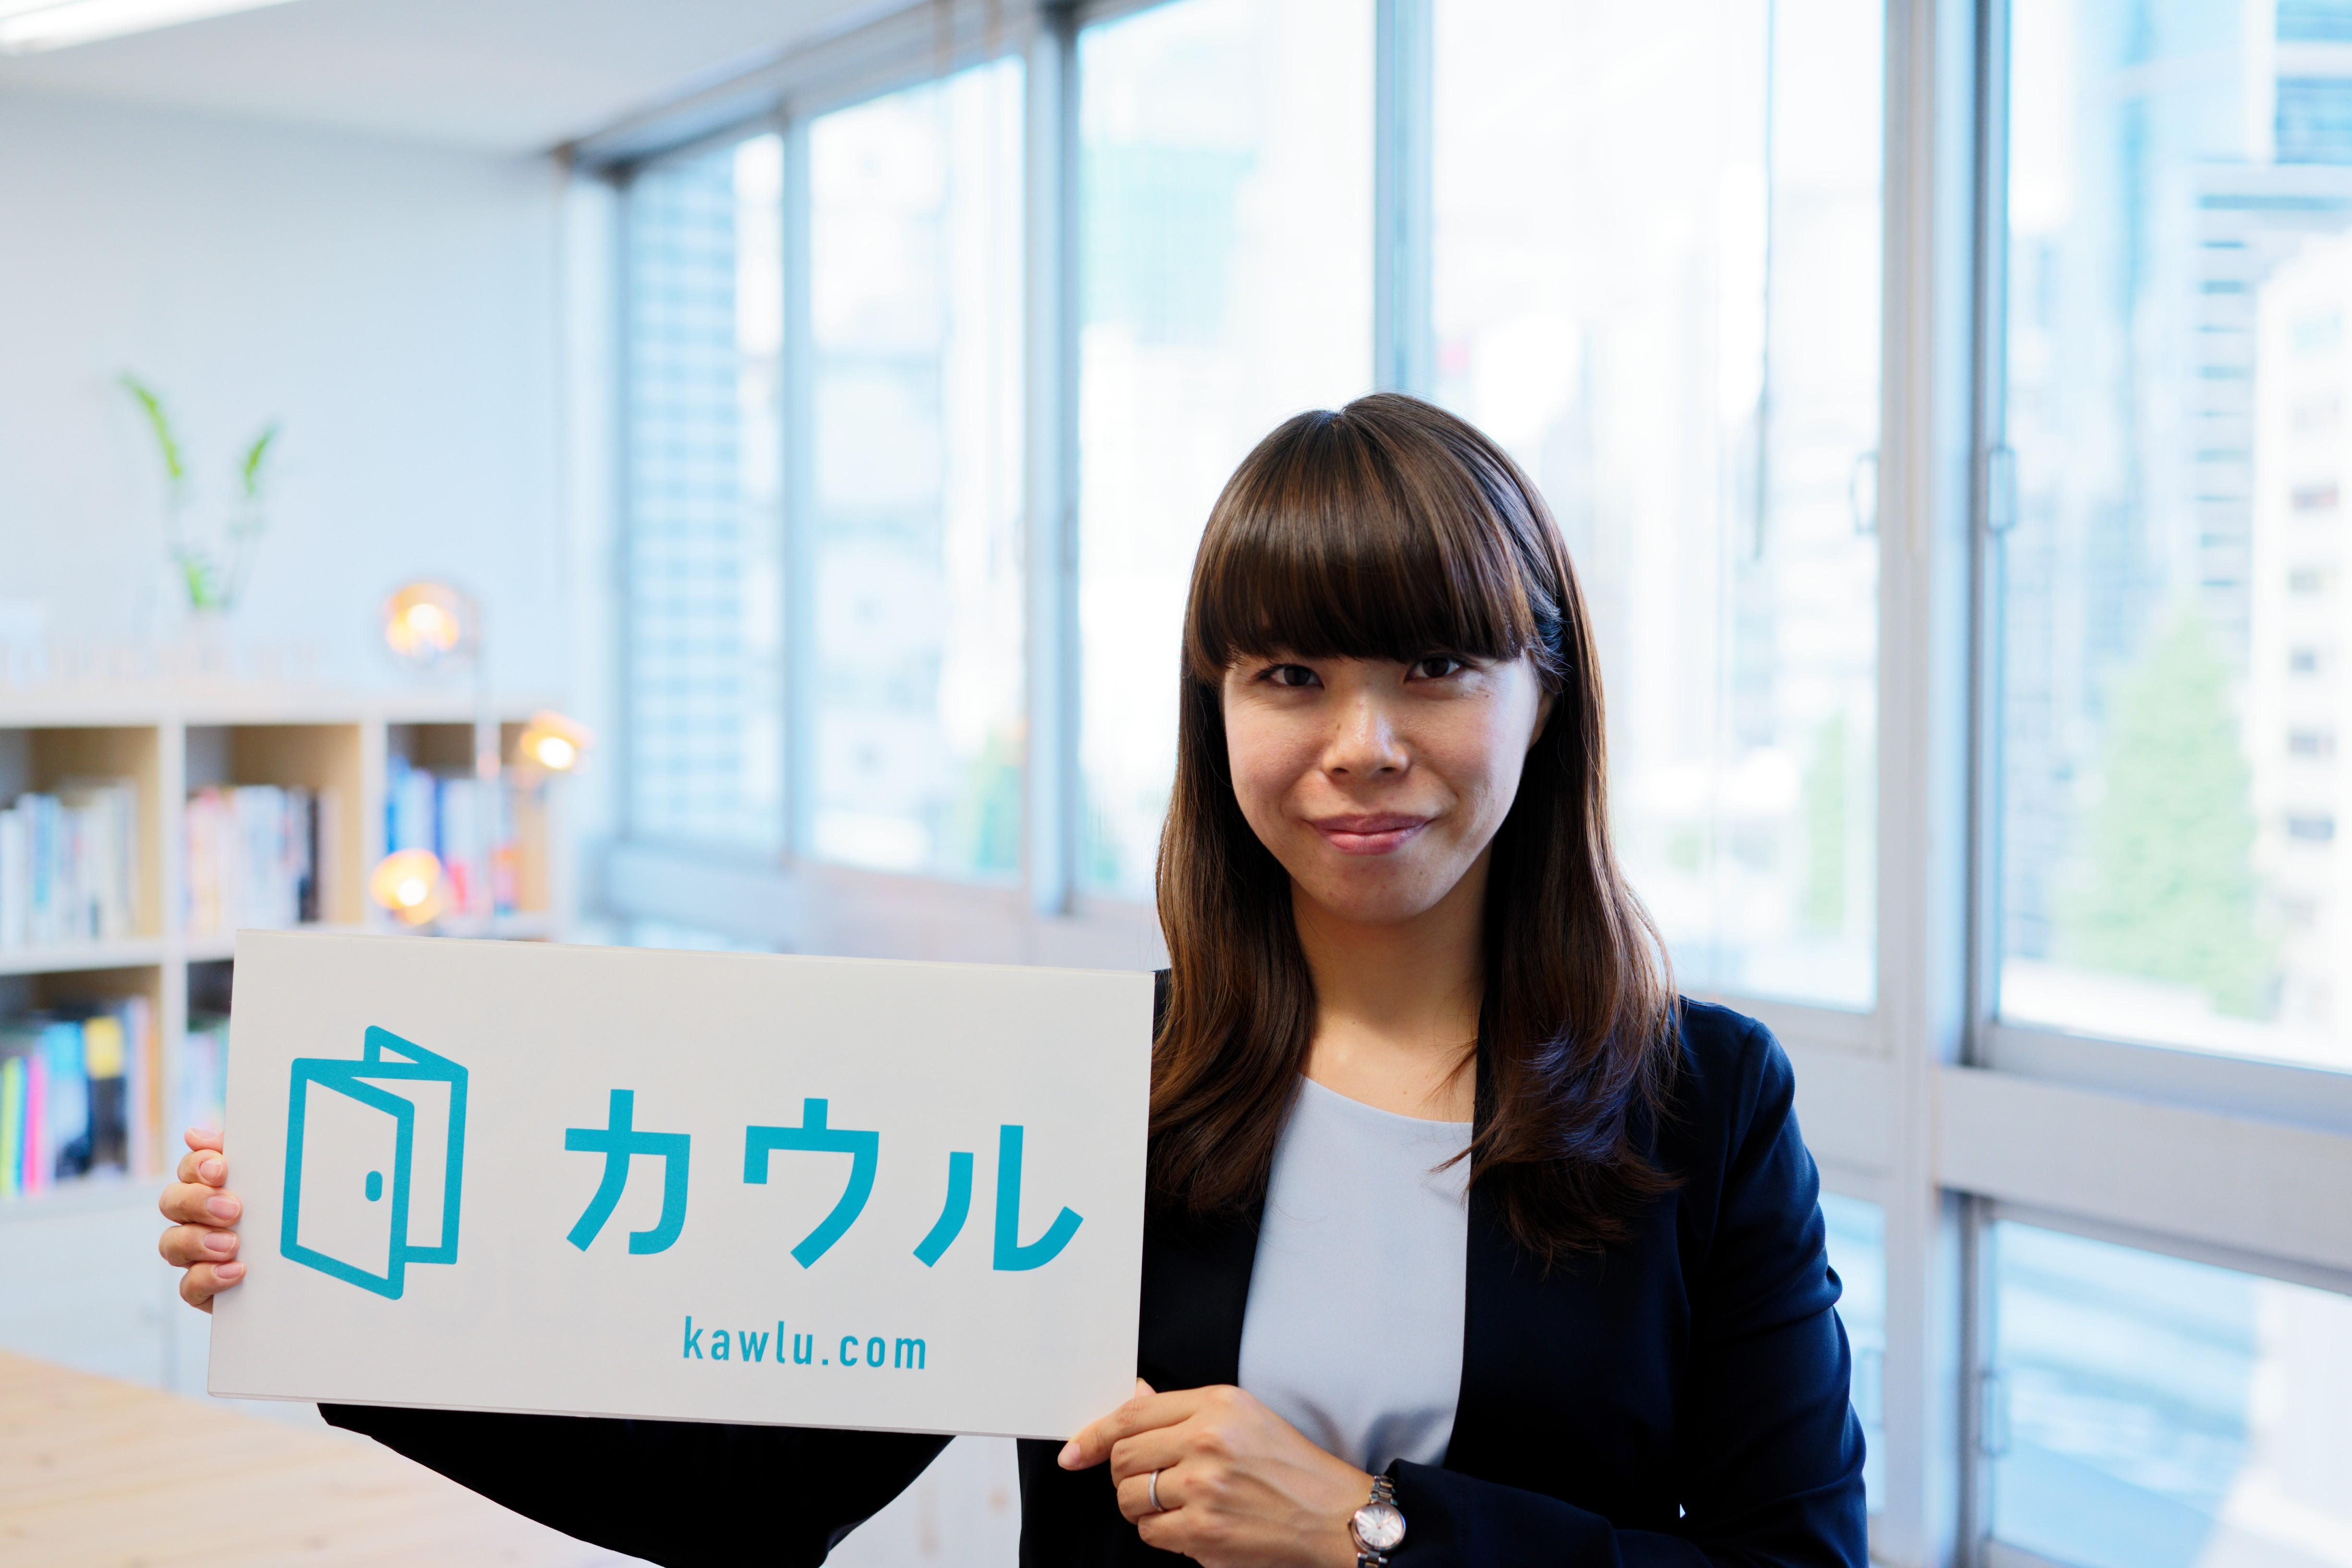 小林 恵:カウル社員紹介インタビュー